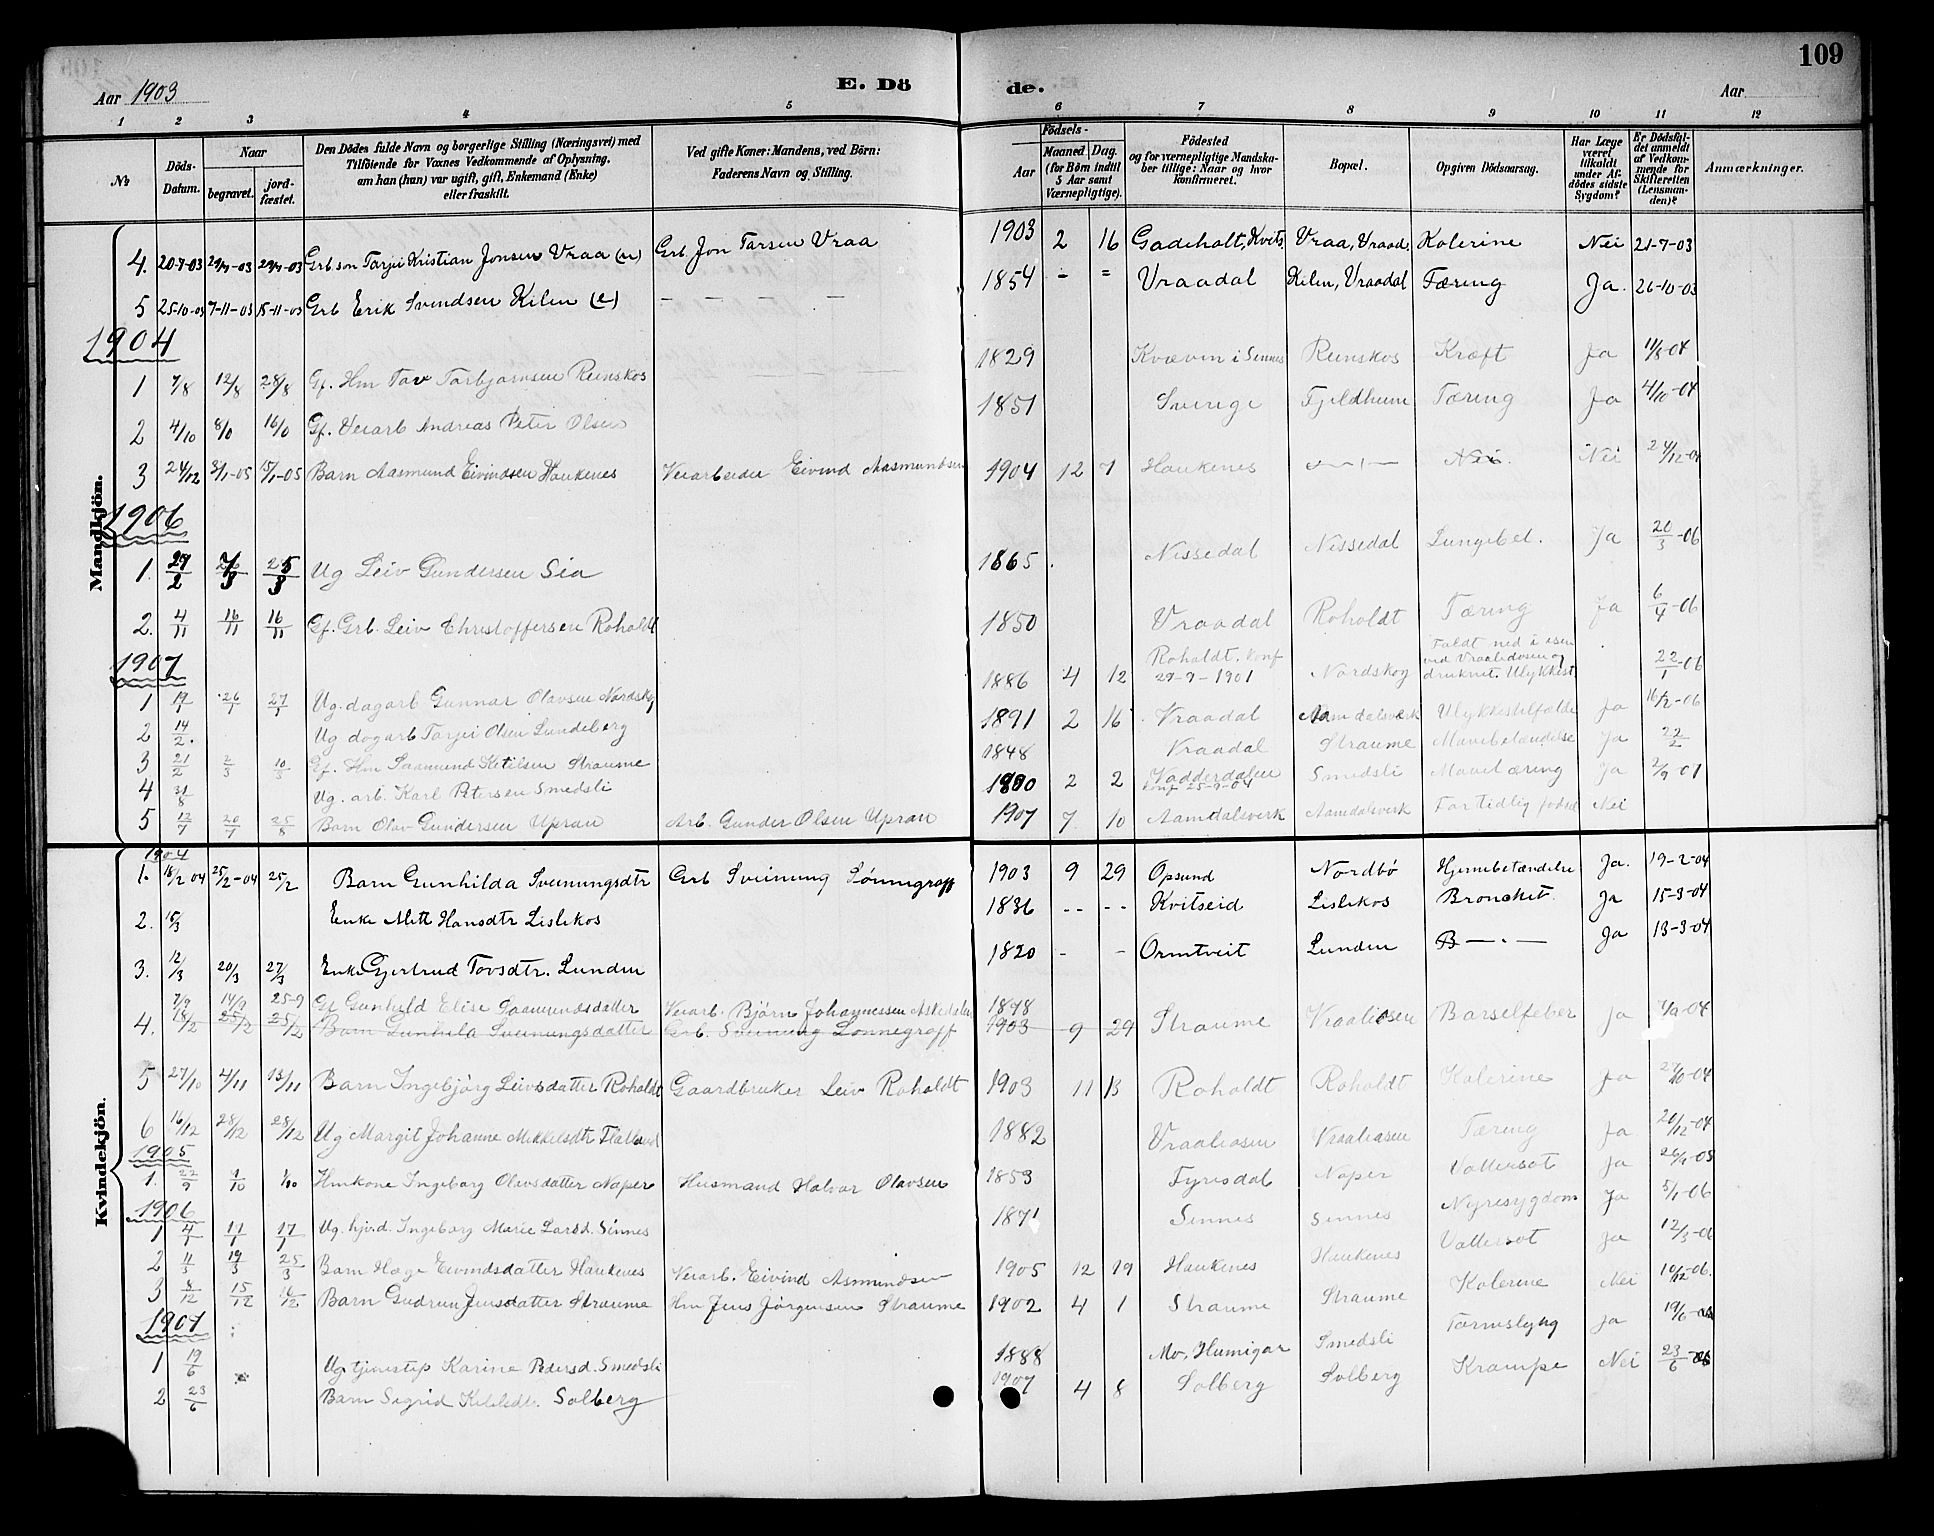 SAKO, Kviteseid kirkebøker, G/Gc/L0001: Klokkerbok nr. III 1, 1893-1916, s. 109